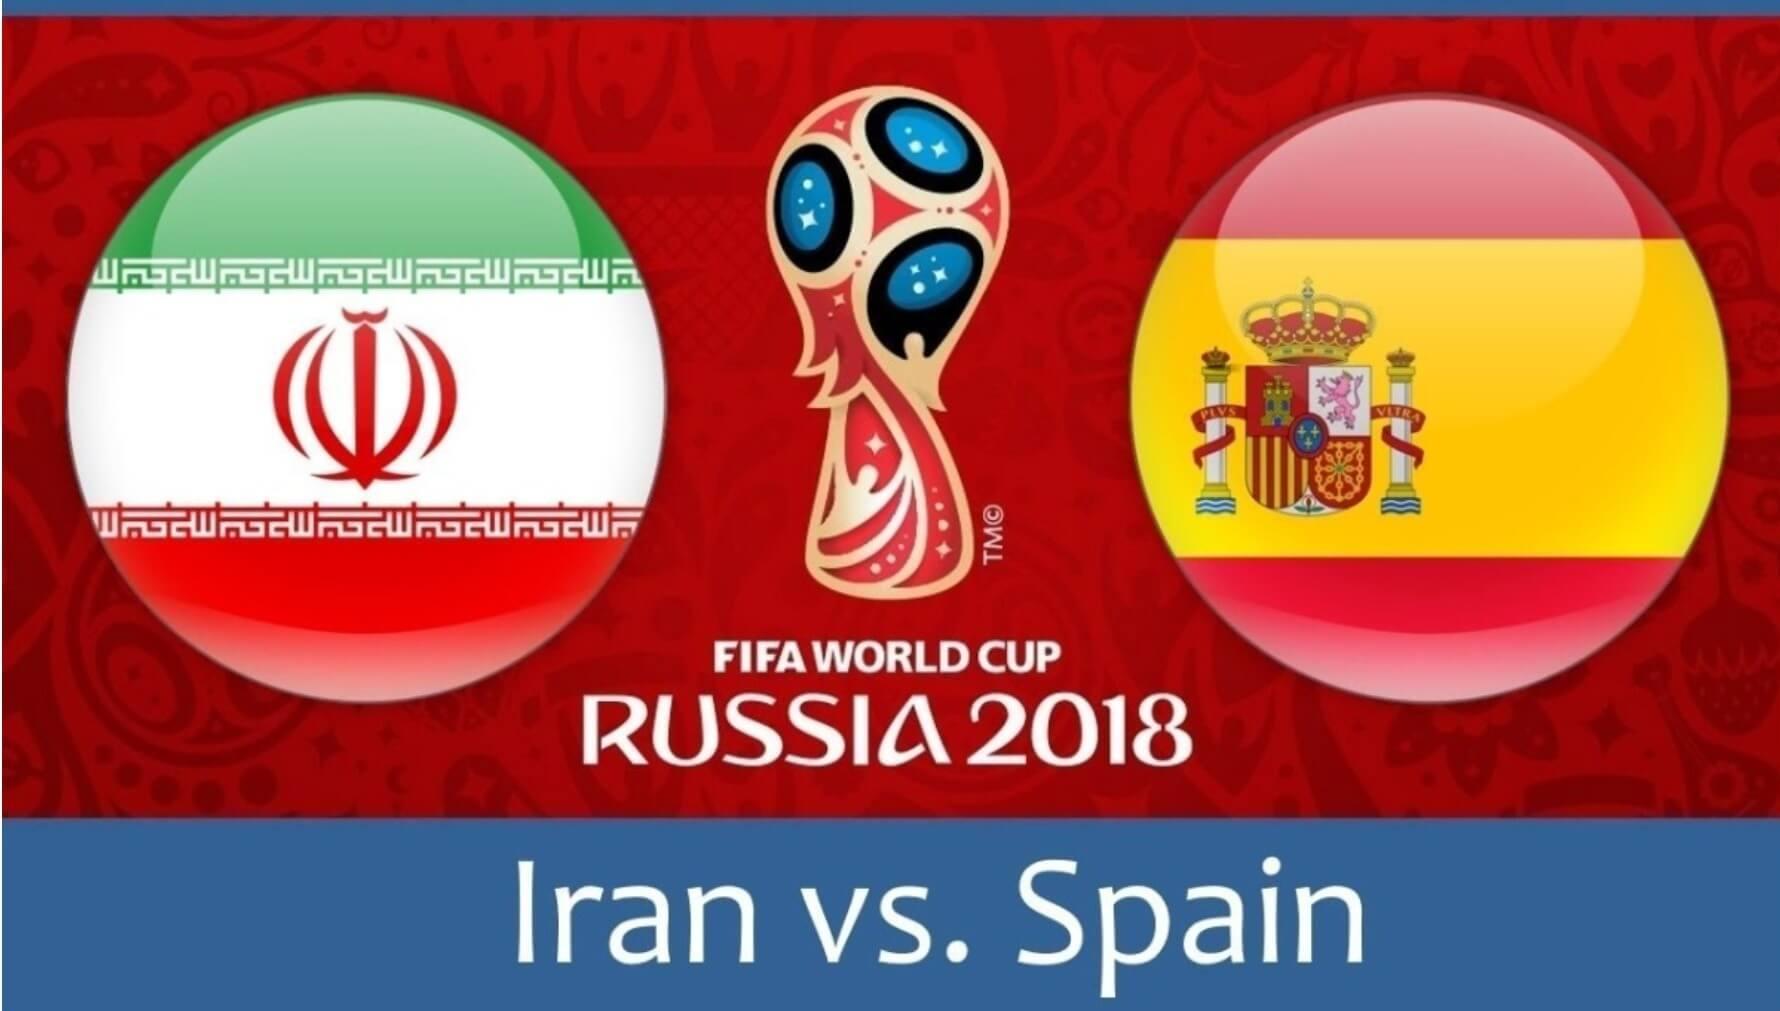 स्पेनआ इरानखौ 1-0 आव फेजेन्नो हायो